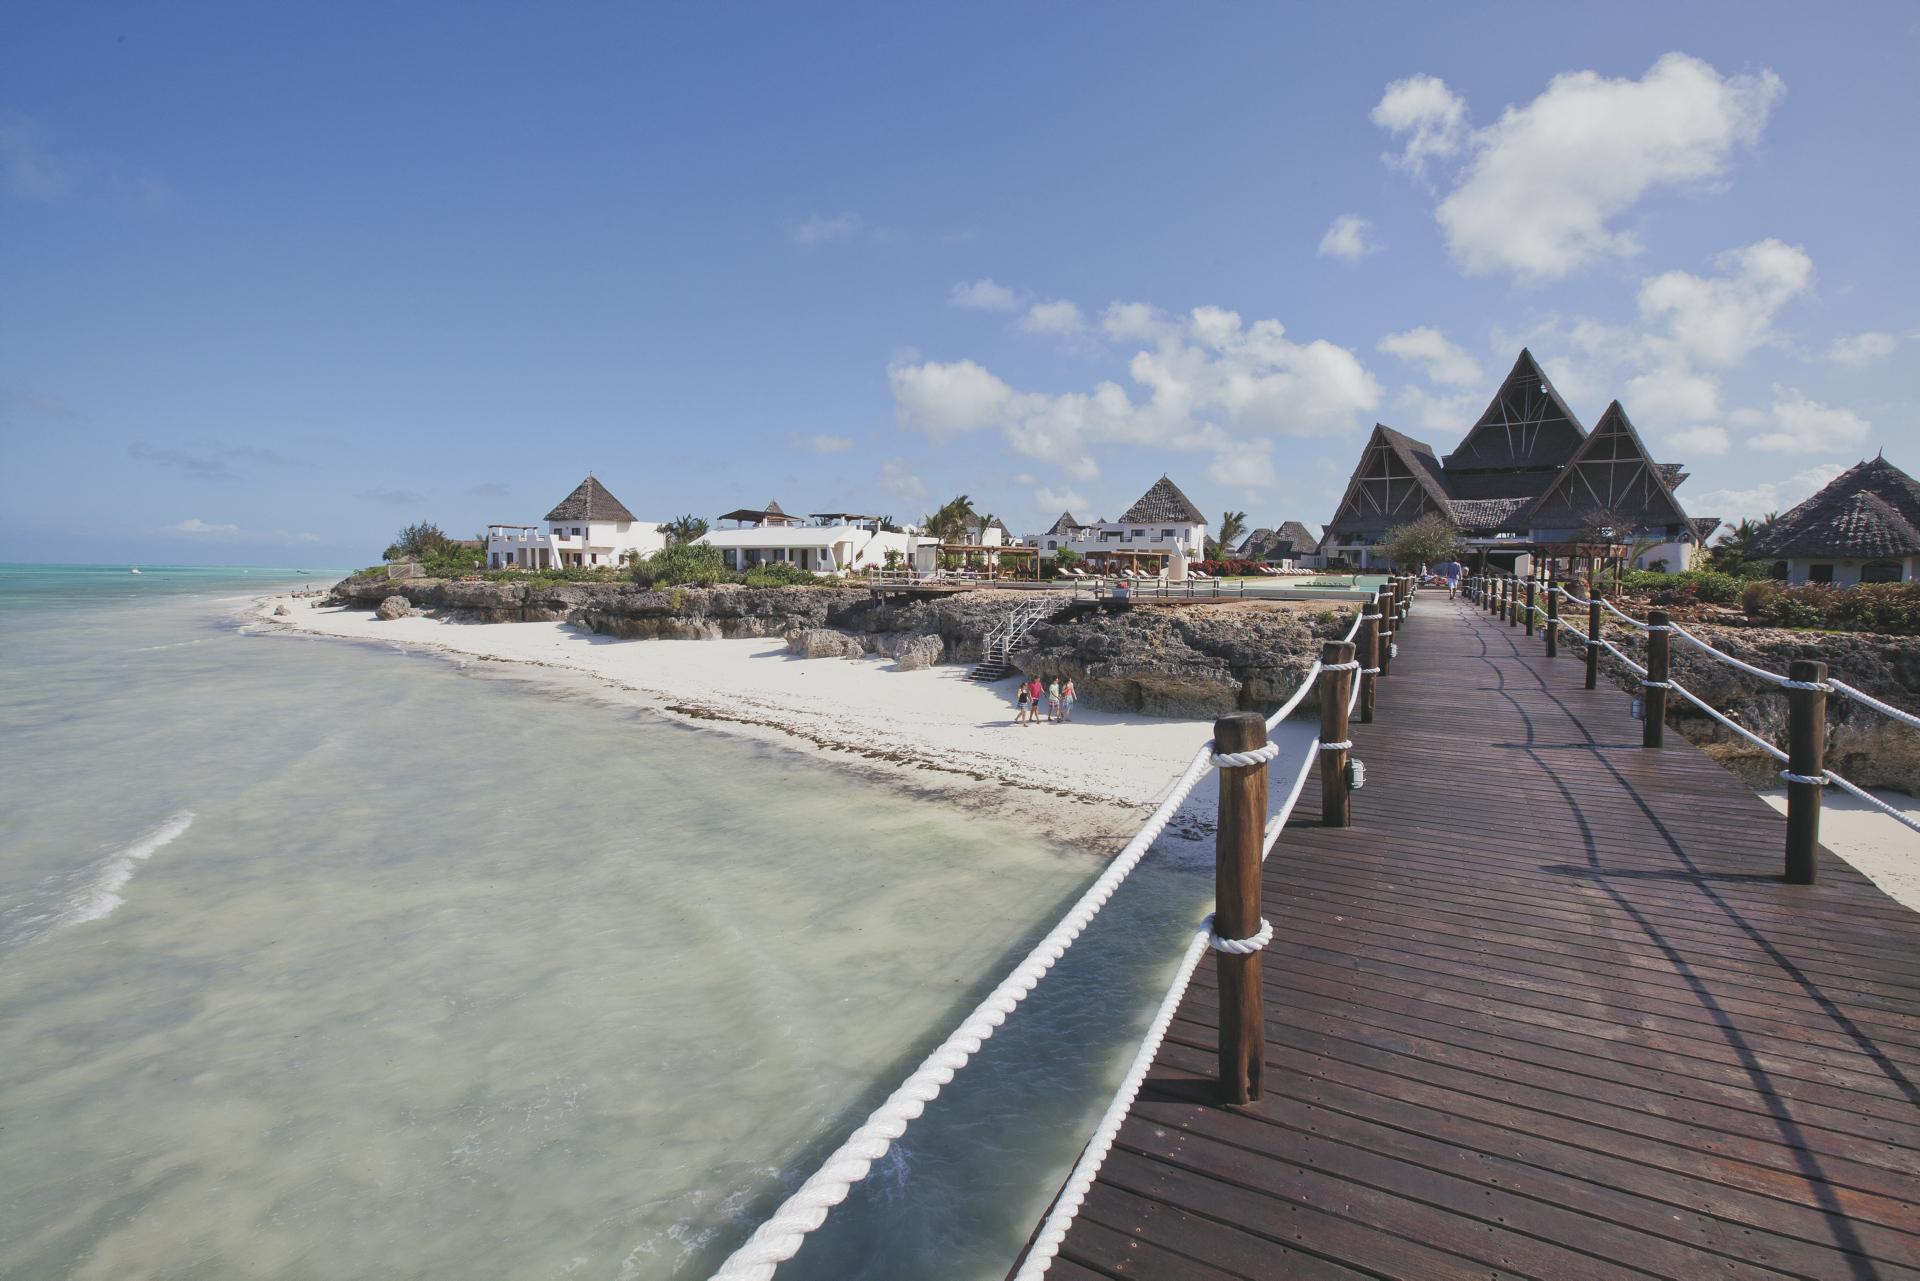 Blick auf das Resort von der Jetty